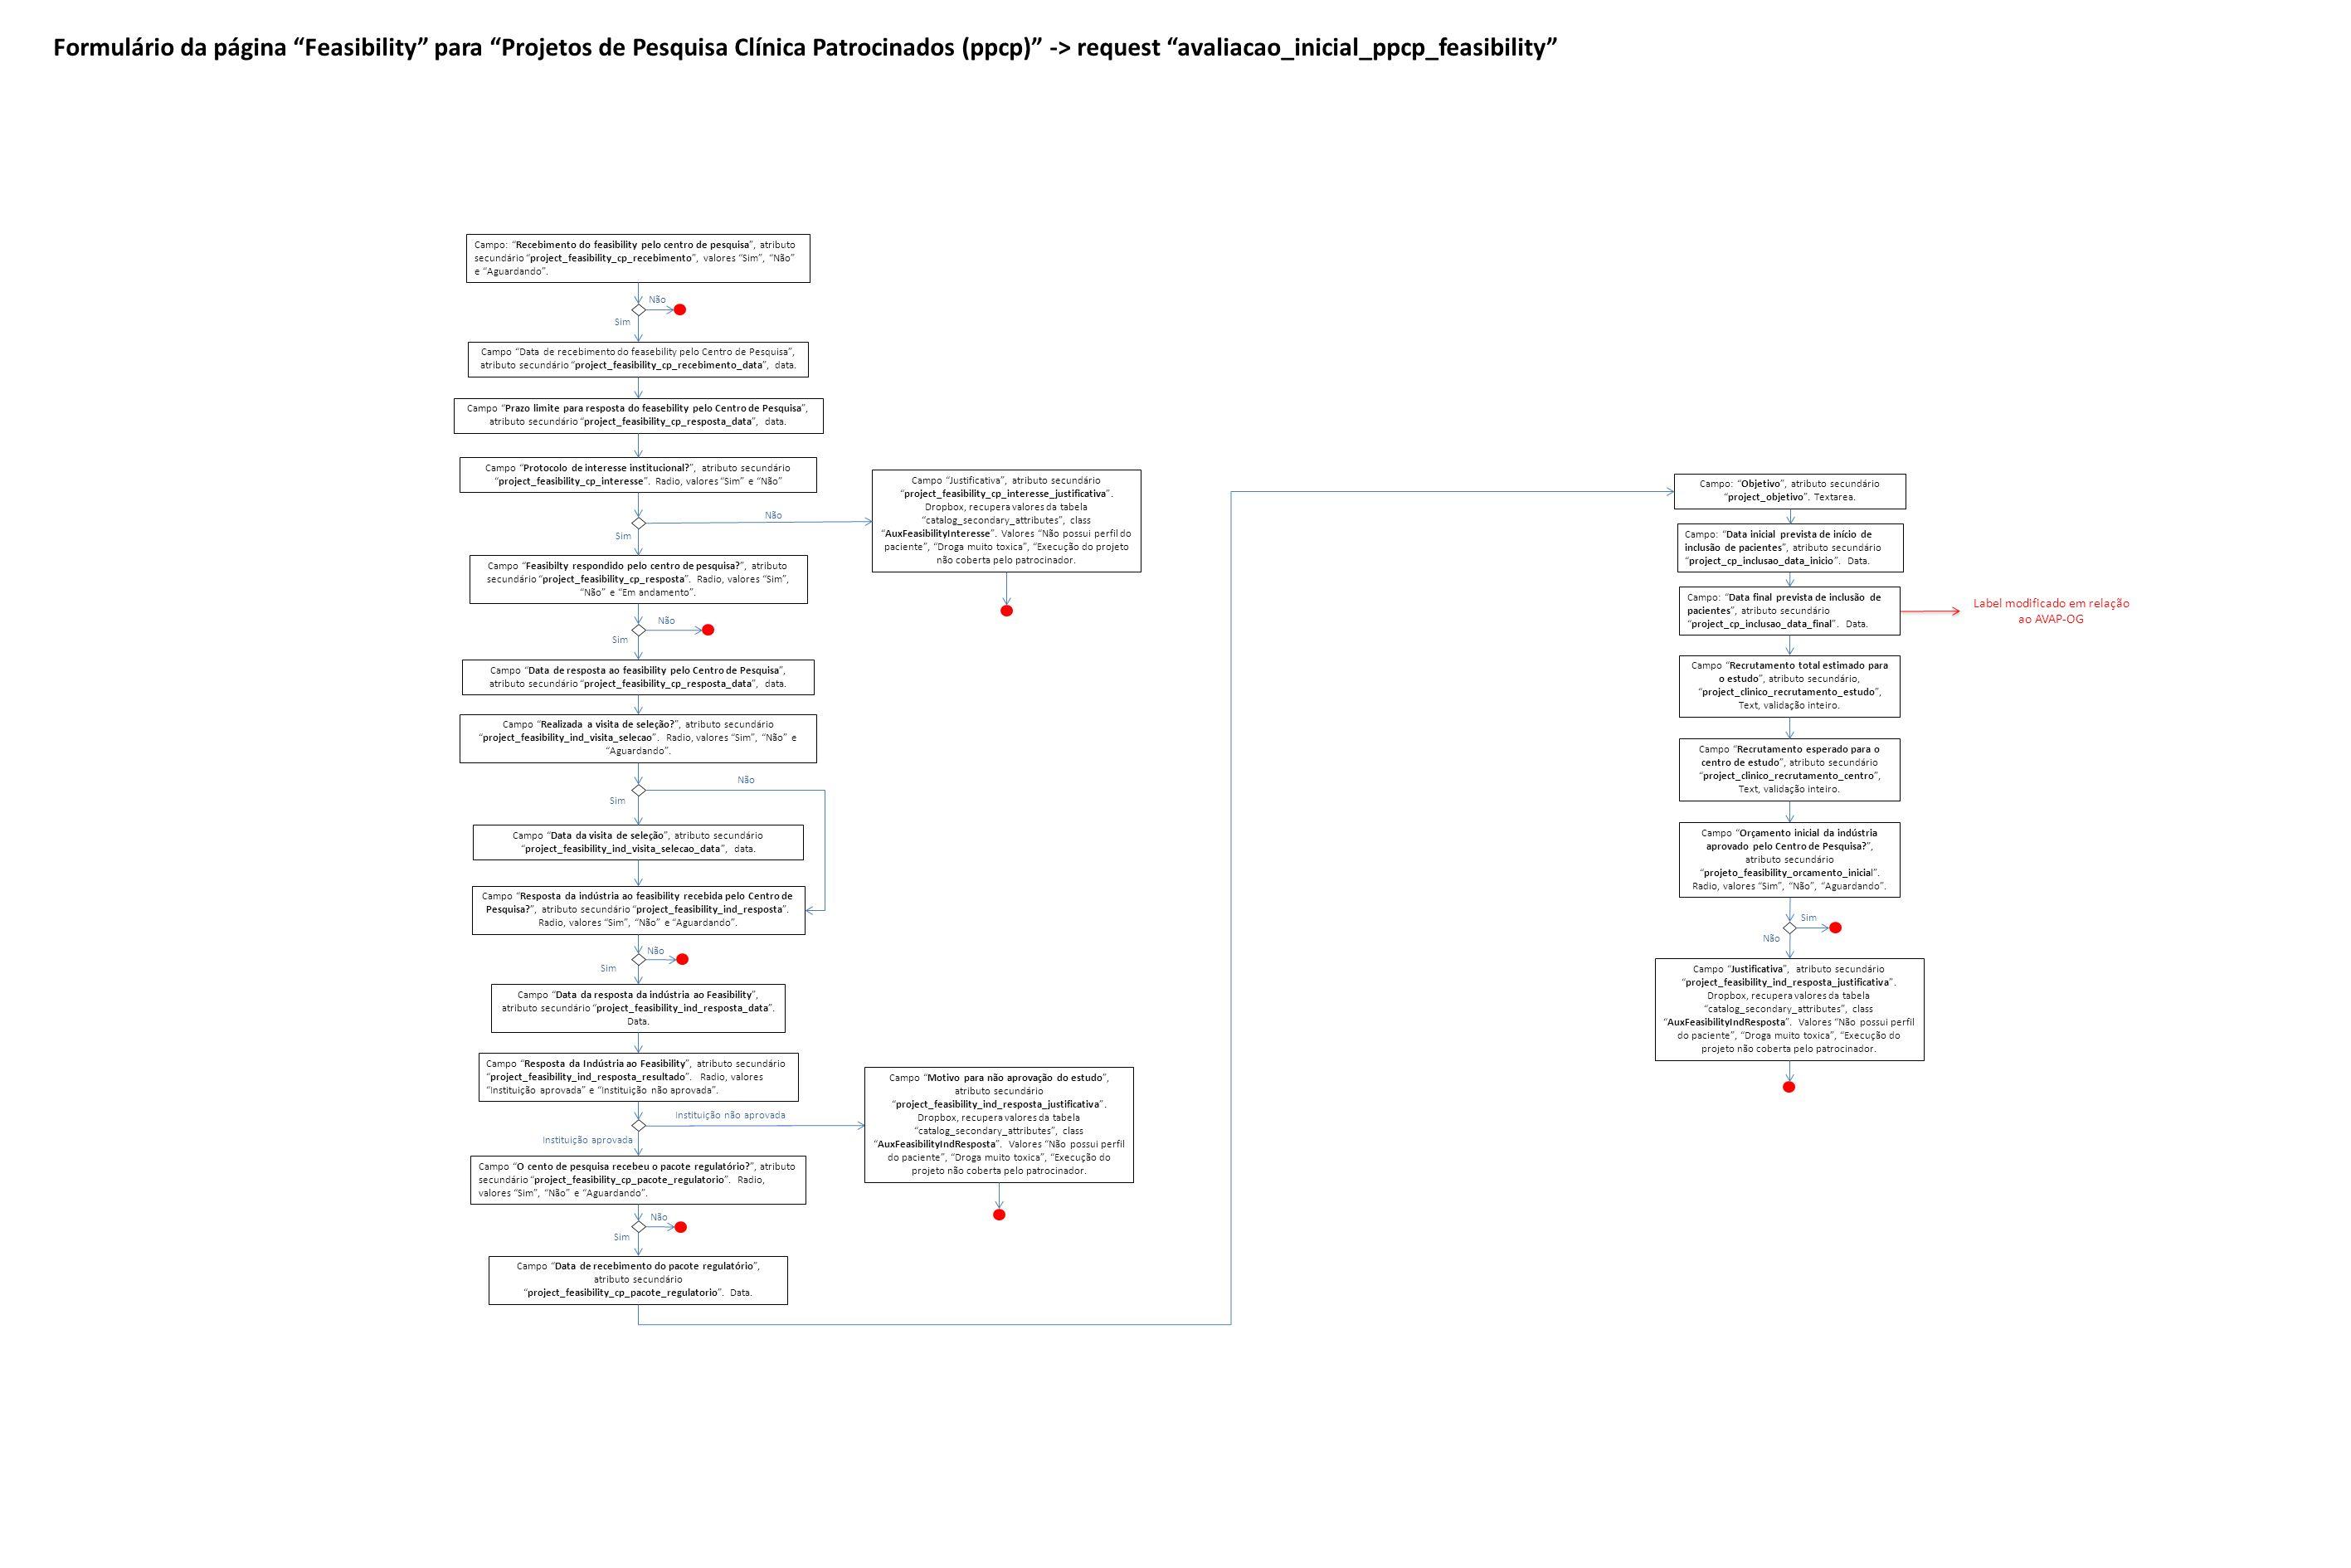 Formulário da página Feasibility para Projetos de Pesquisa Clínica Patrocinados (ppcp) -> request avaliacao_inicial_ppcp_feasibility